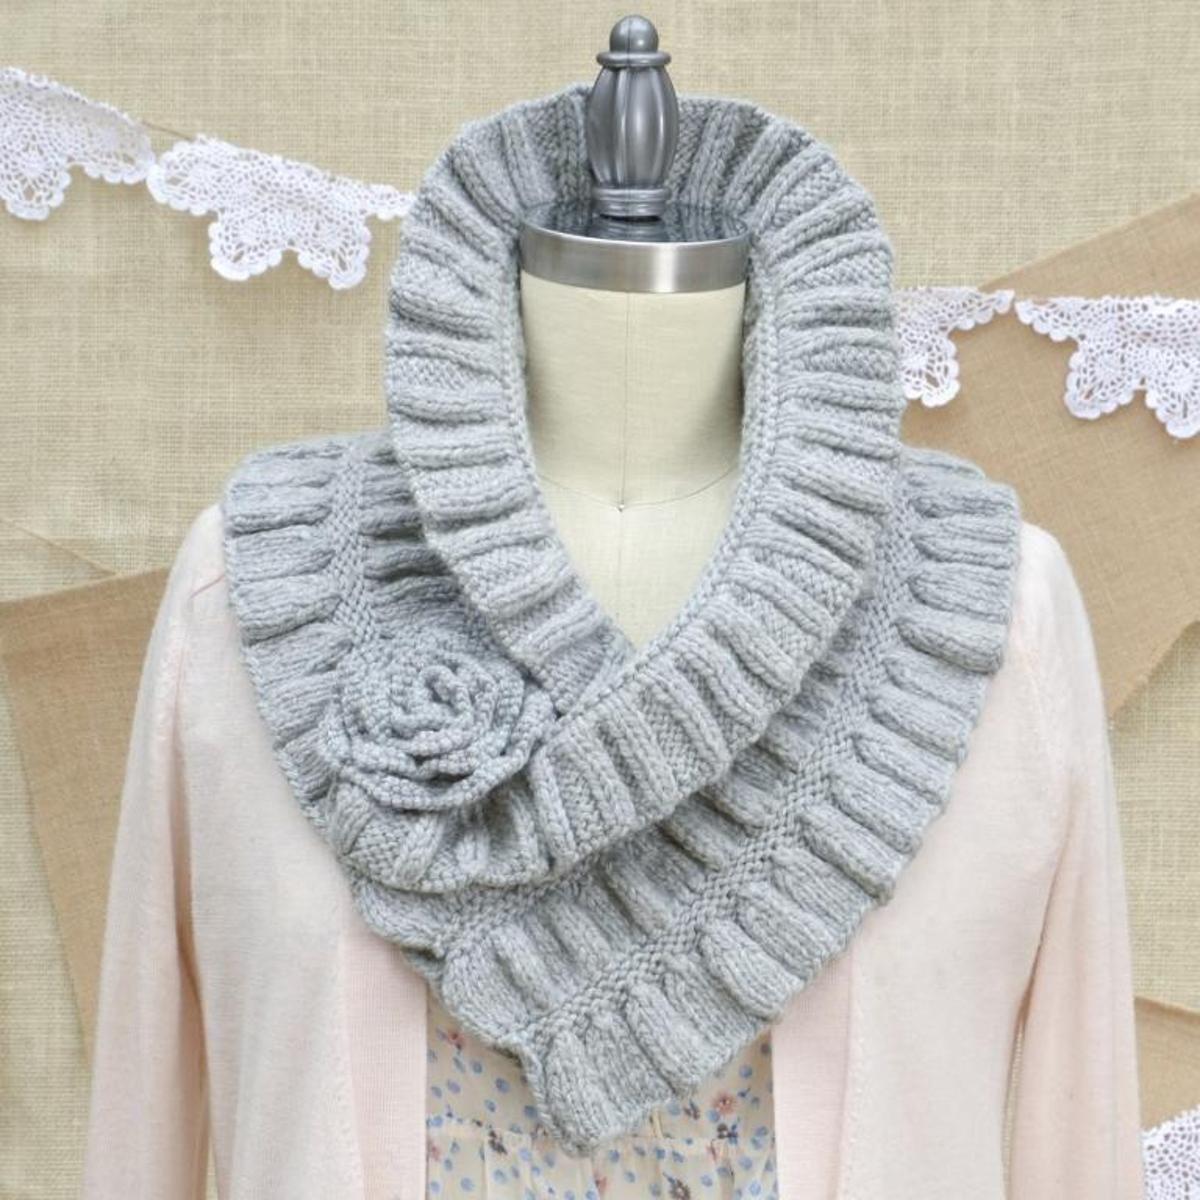 Cloudborn Ruffled And Ruched Scarf Knitting Kit   manualidades ...